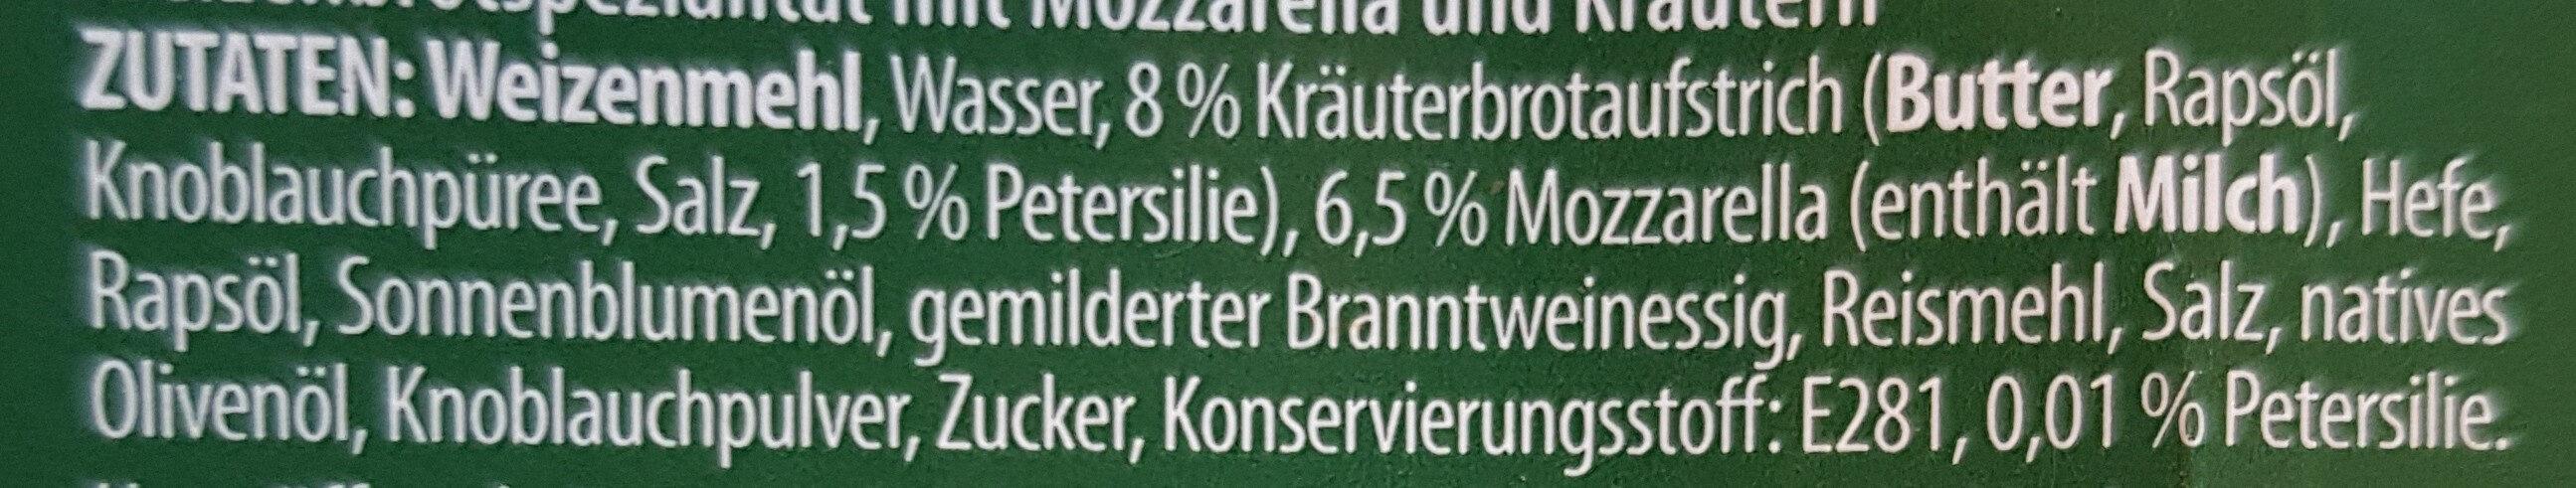 Focaccia Mozzarella und Kräuter - Zutaten - de